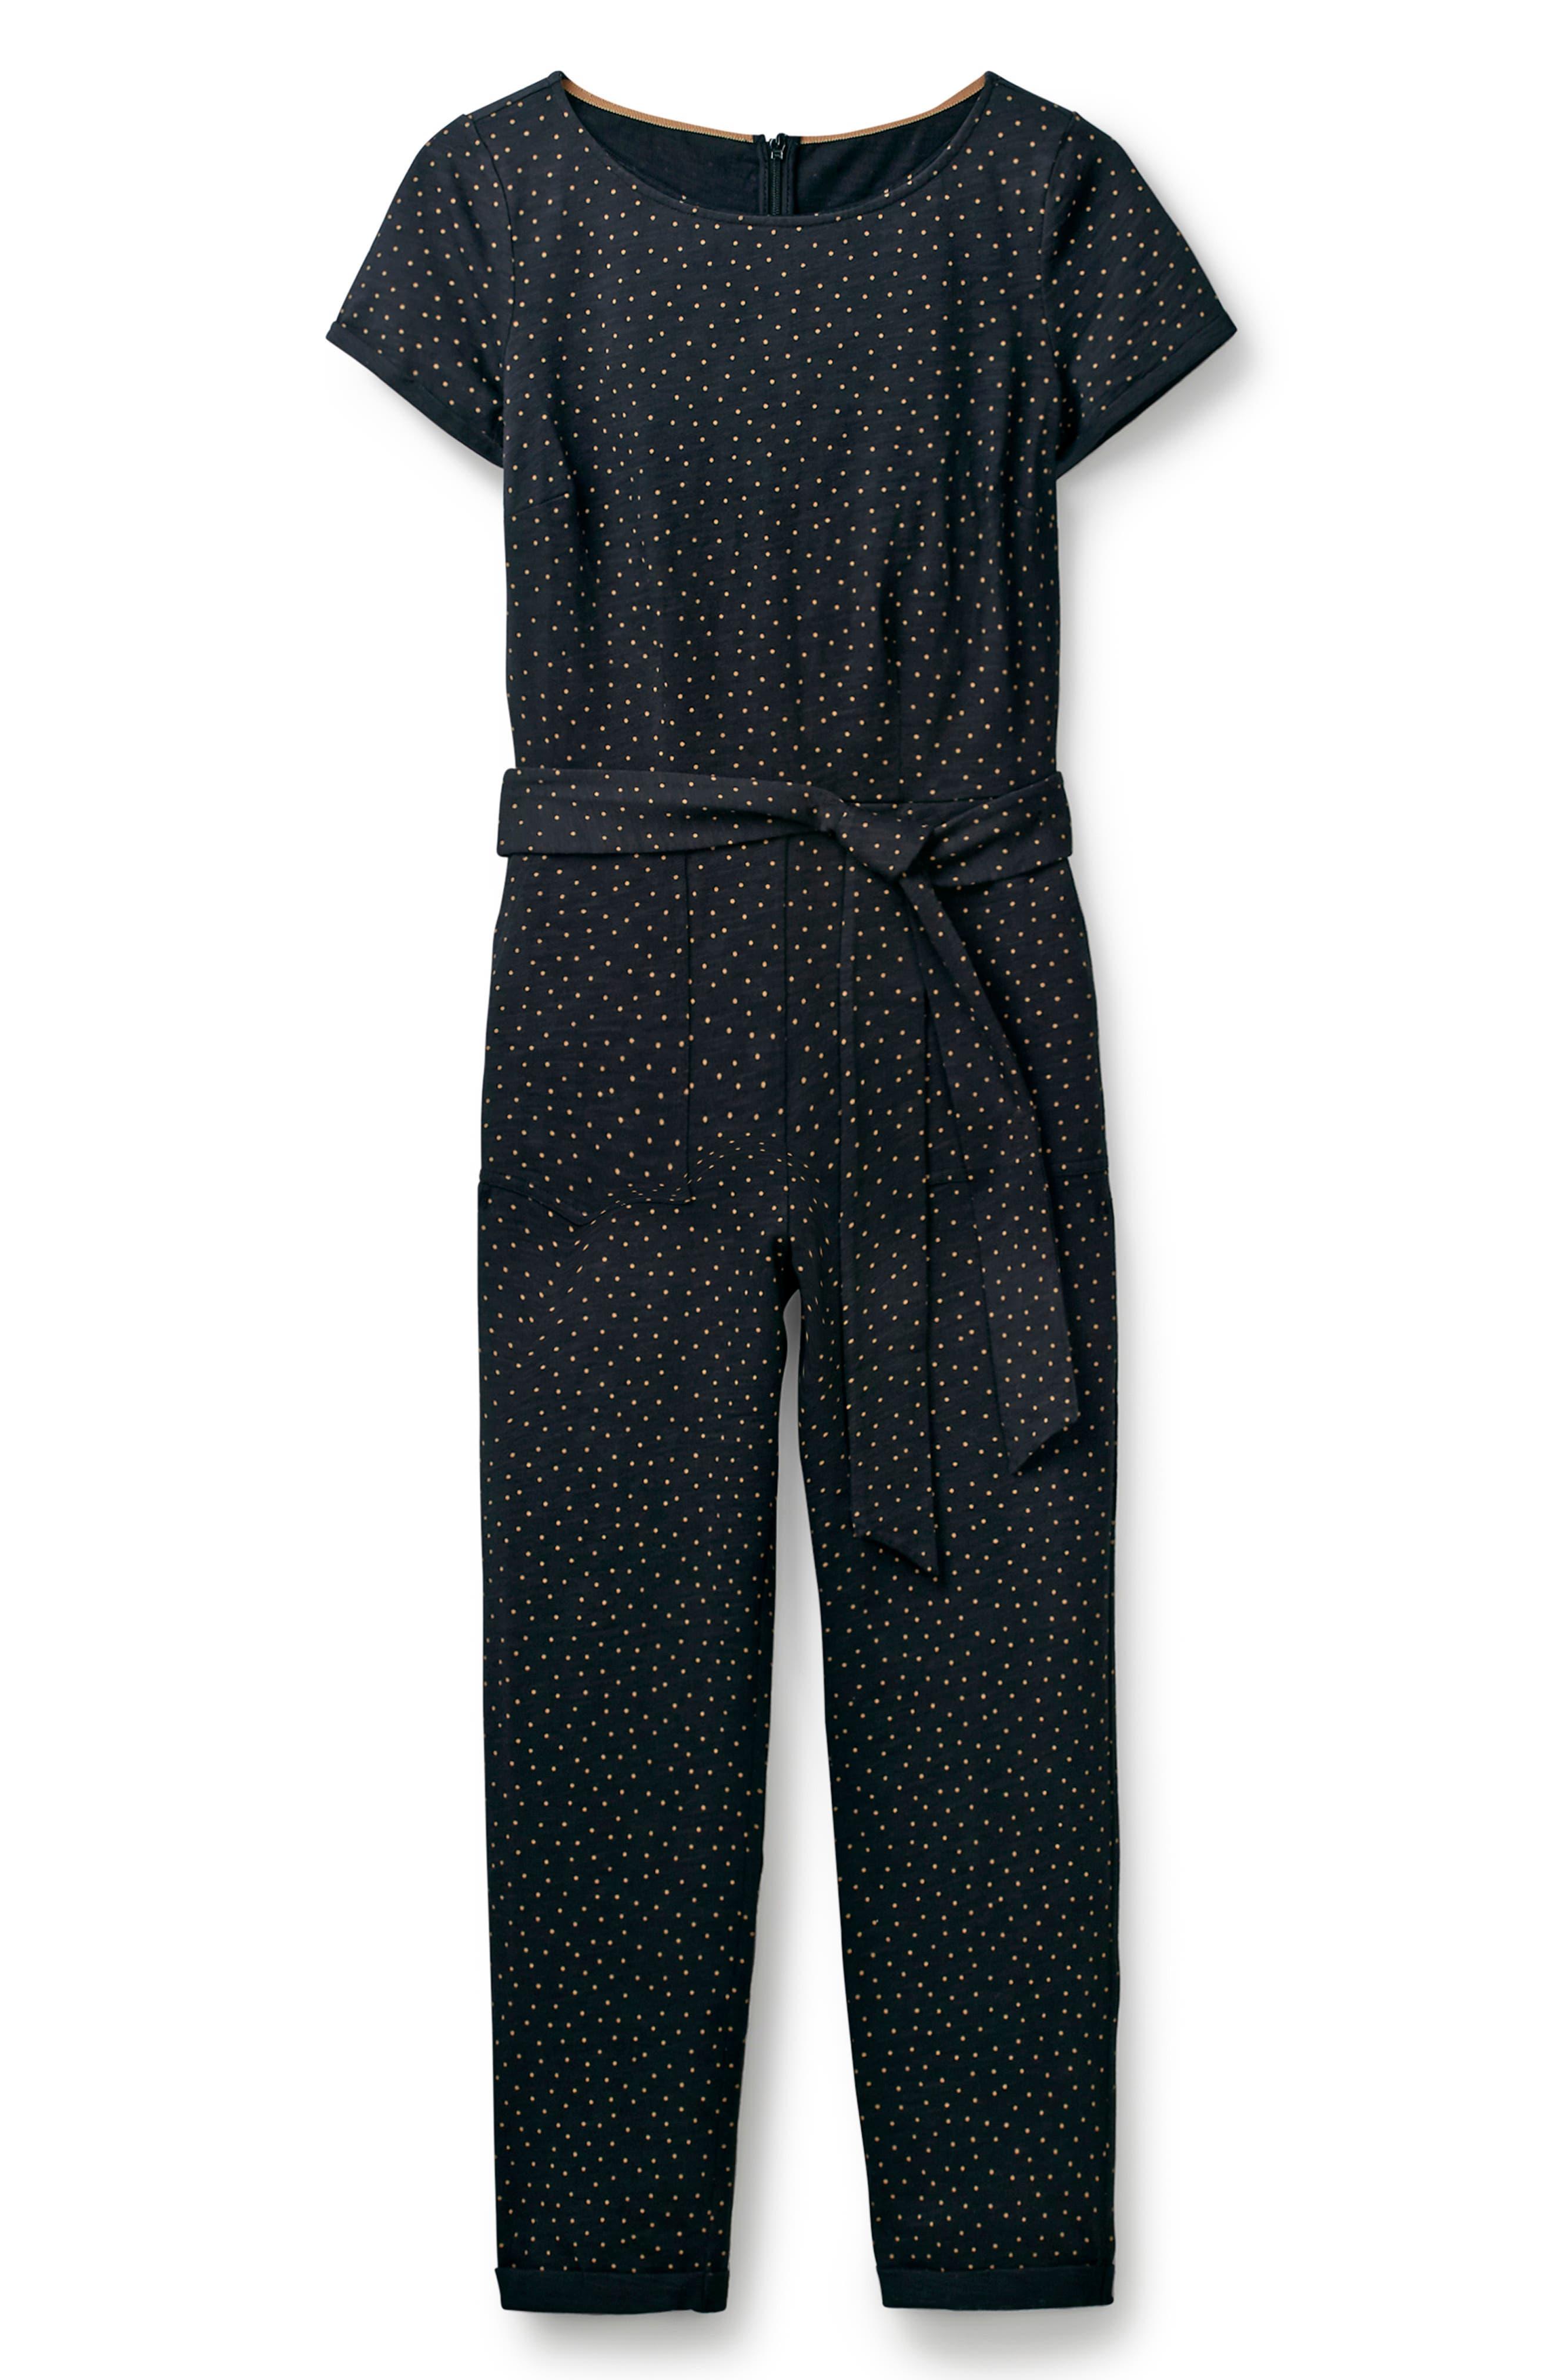 BODEN, Caitlin Jersey Jumpsuit, Alternate thumbnail 4, color, BLACK/ SOFT TRUFFLE SPOT